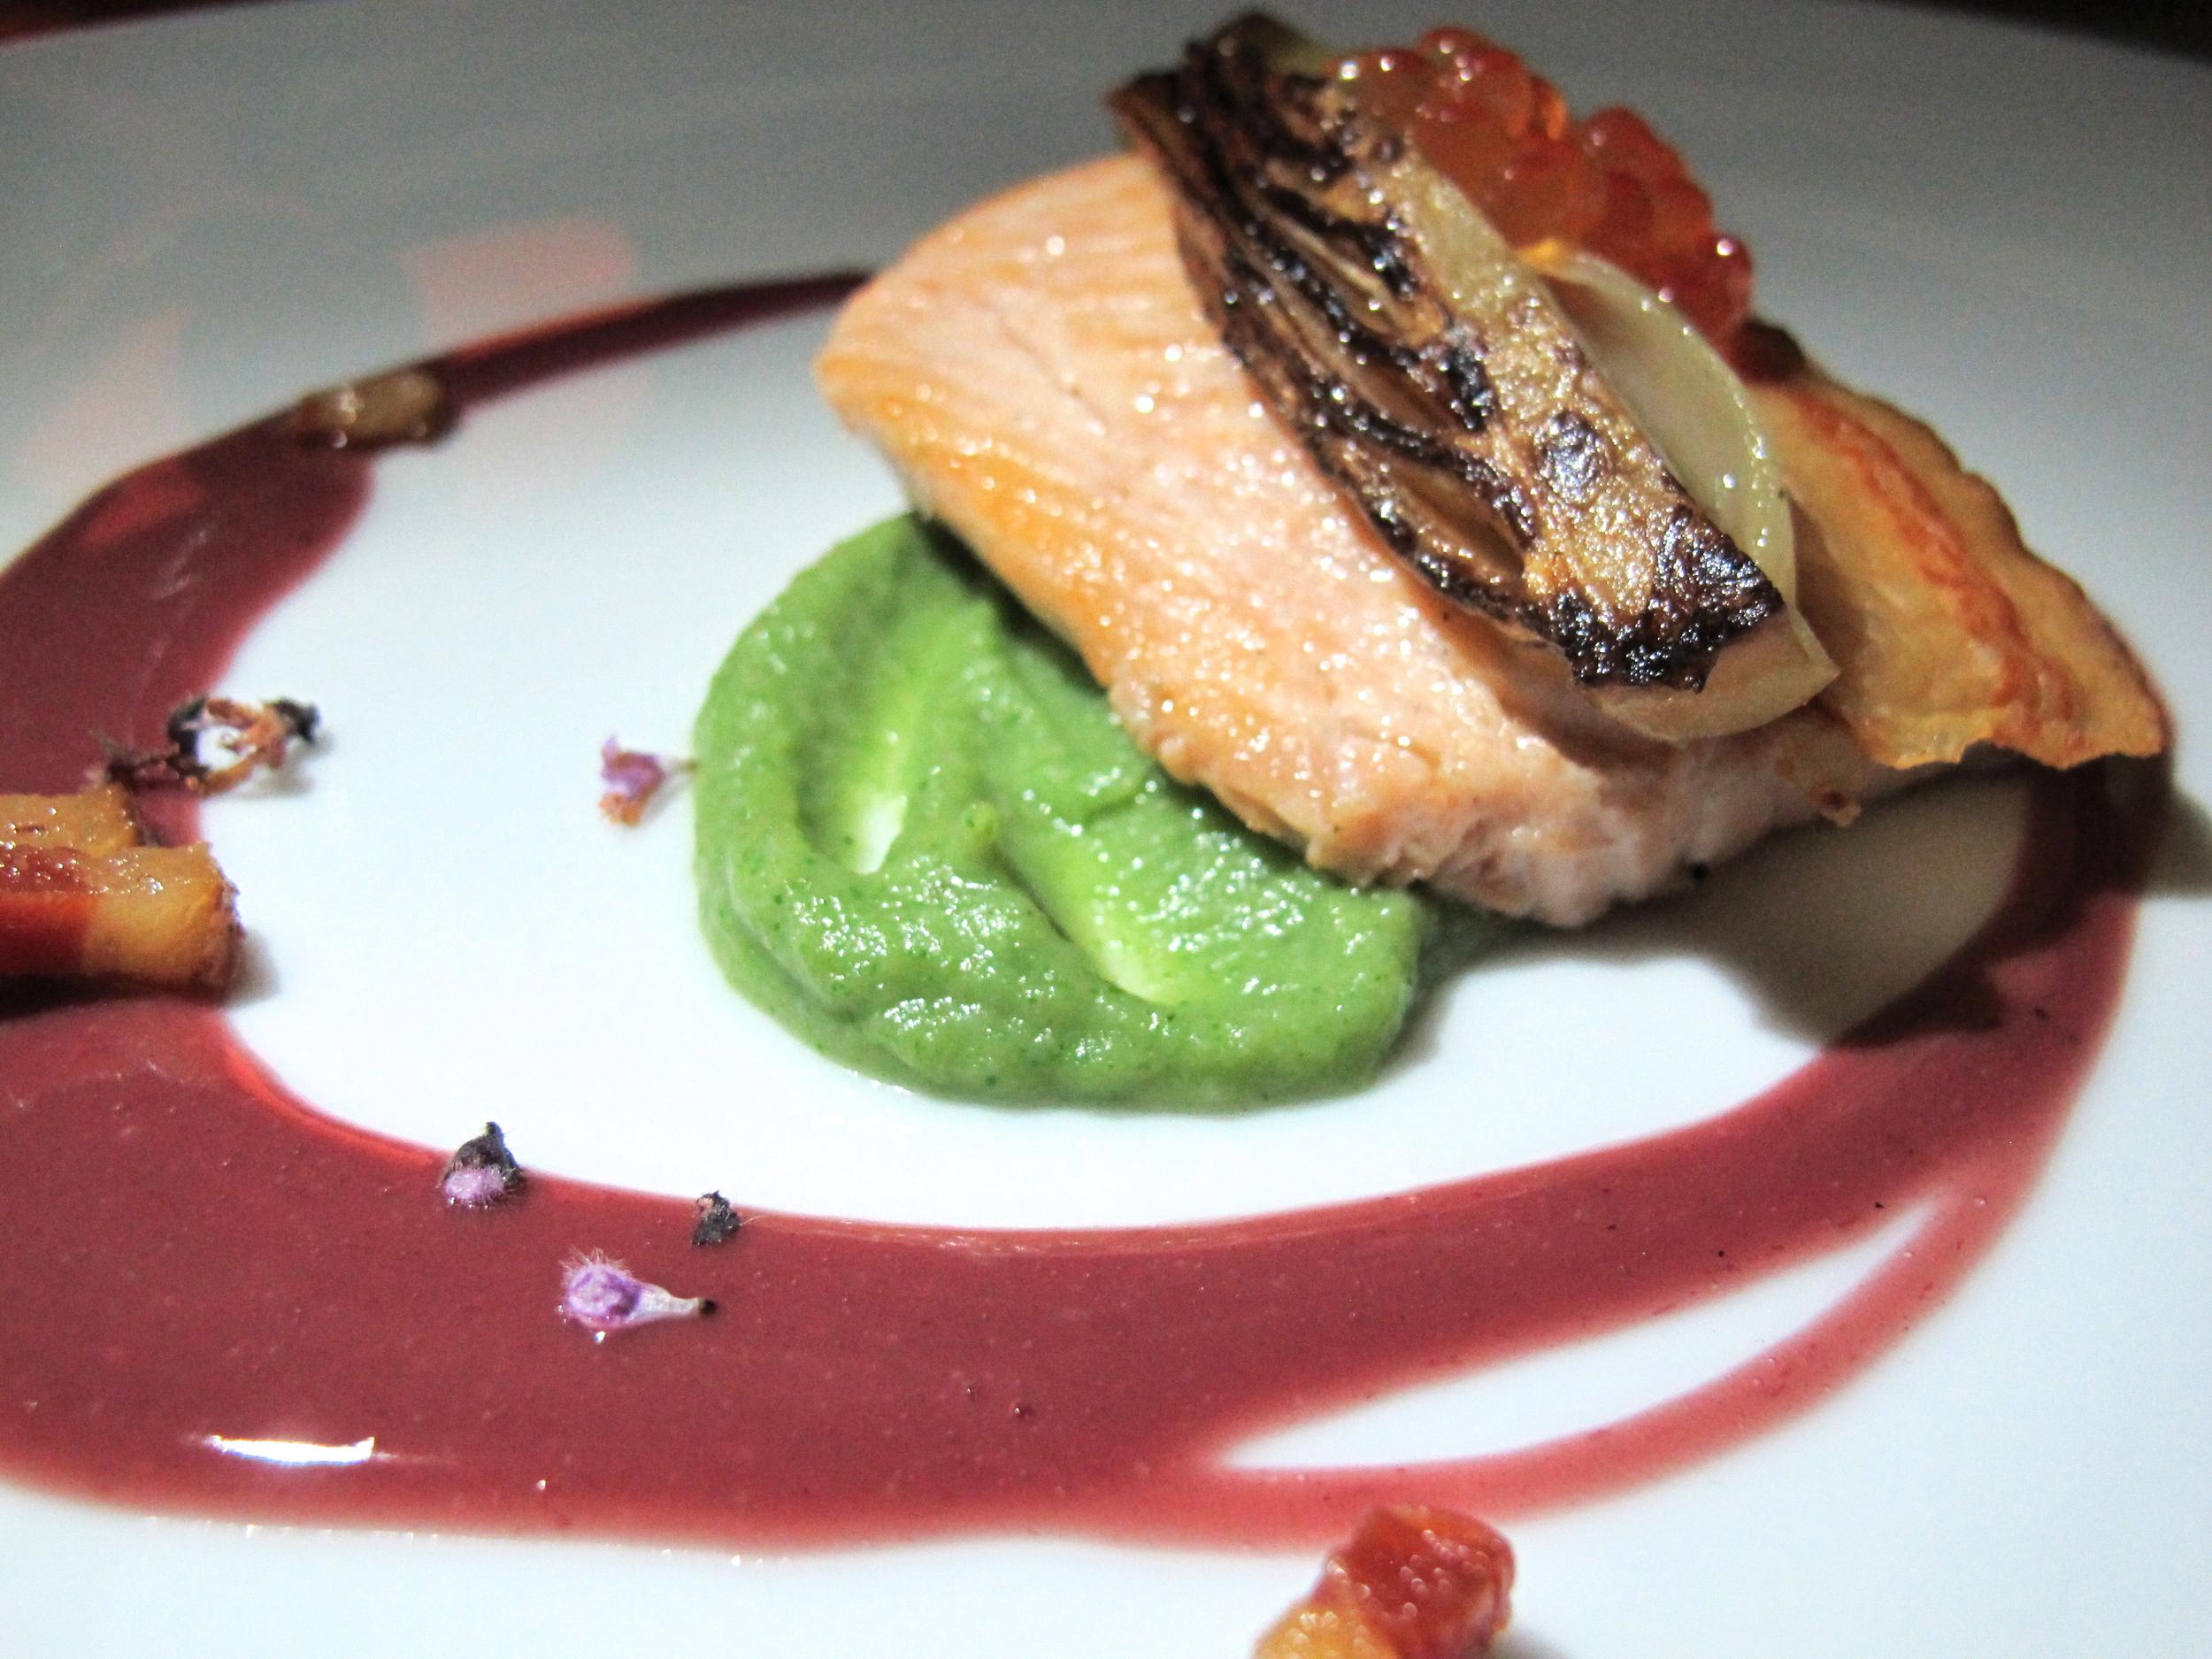 Steelhead trout, sunchoke puree, braised endive, lardons, buerre rouge, smoked trout roe